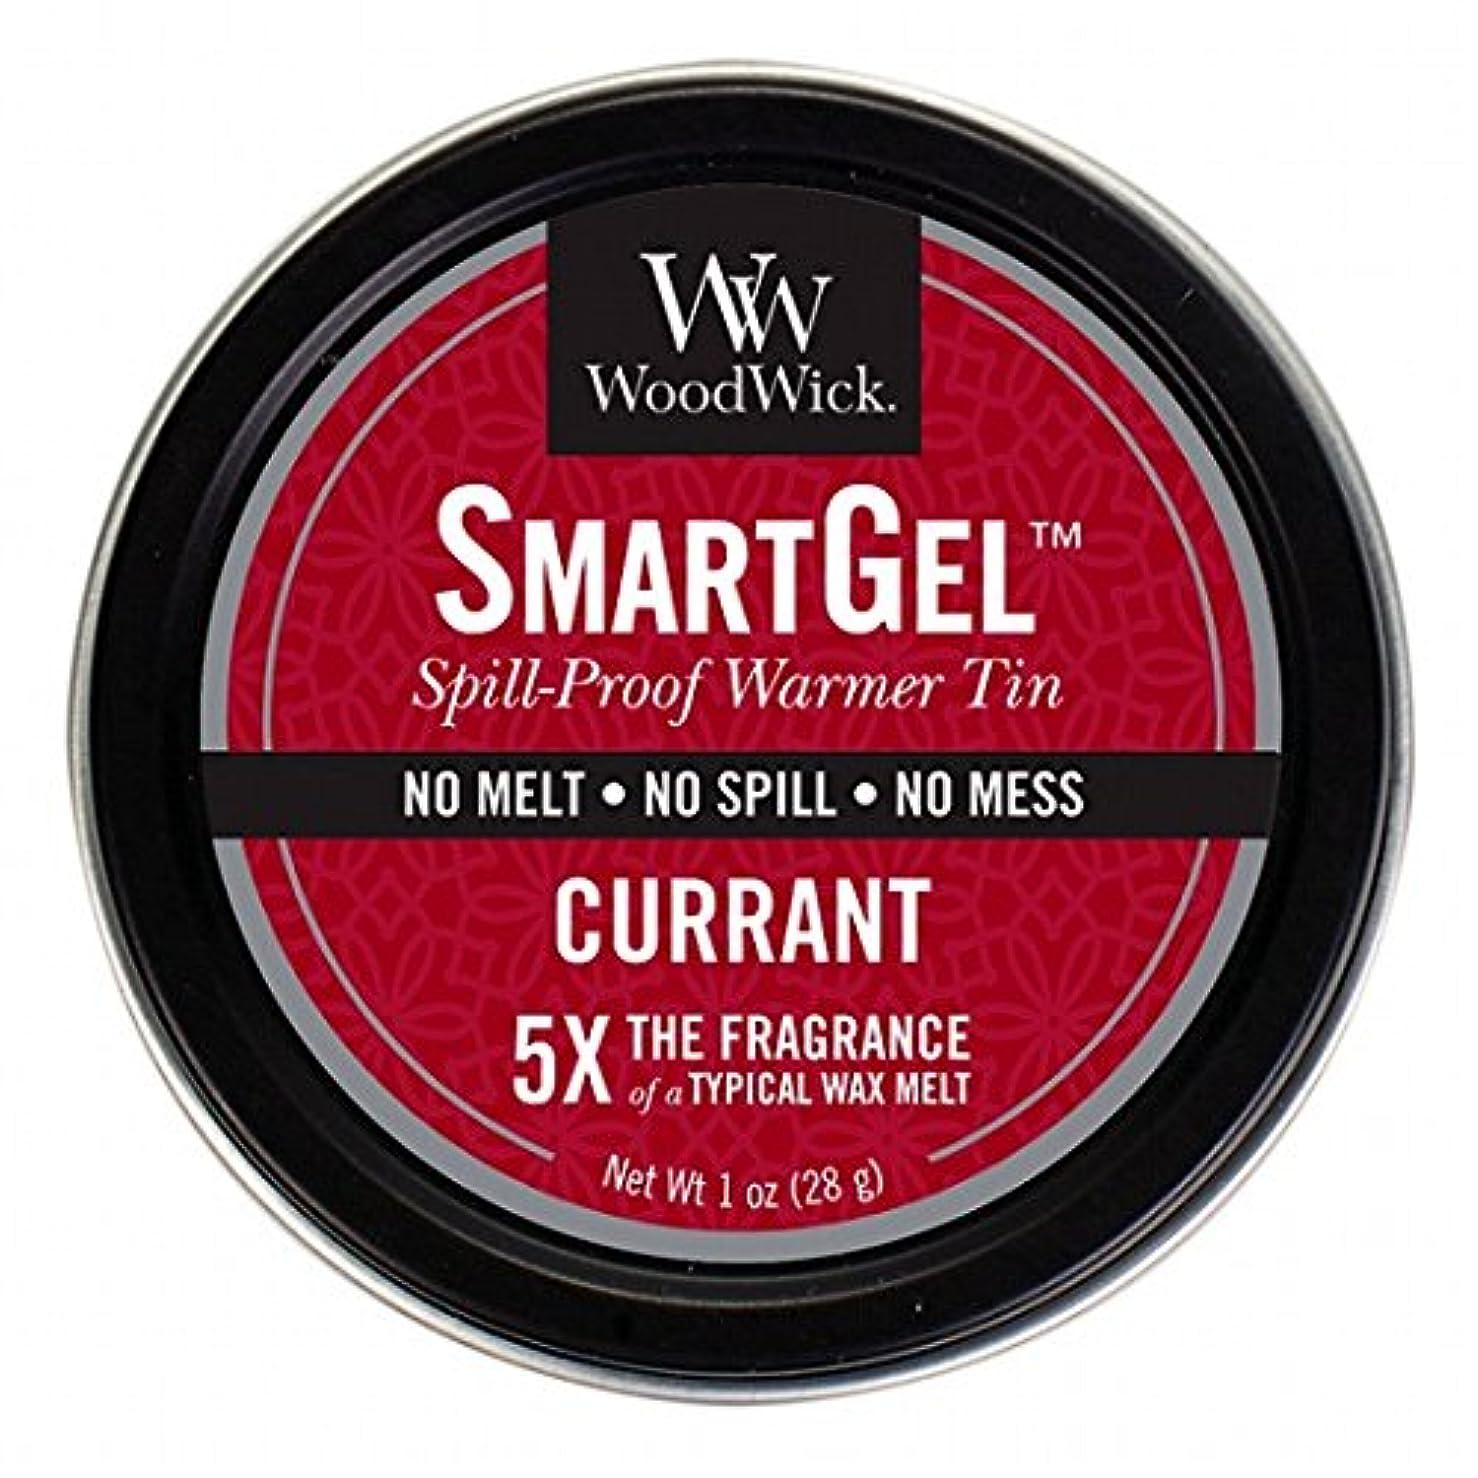 ファイターコンパニオンピットWoodWick(ウッドウィック) Wood Wickスマートジェル 「 カラント 」W9630520(W9630520)